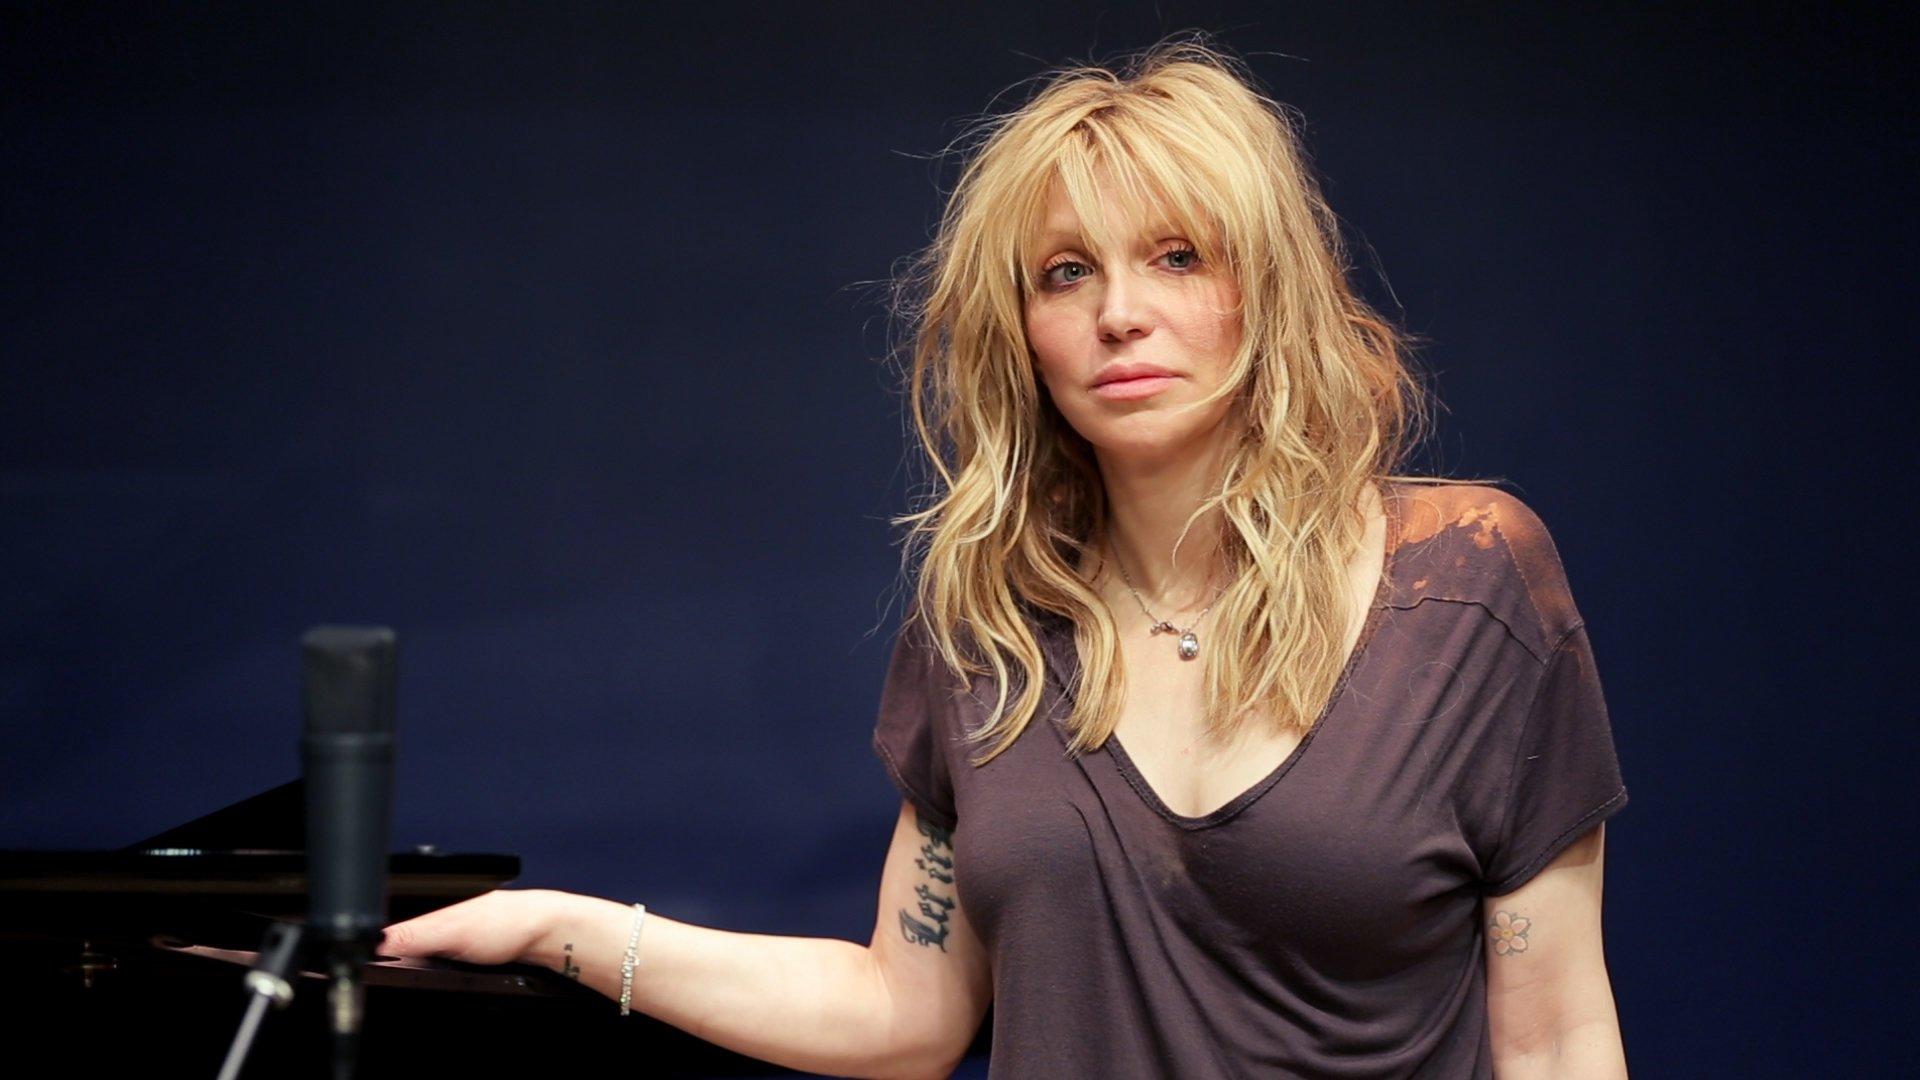 Dugaan Keterlibatan Courtney Love dalam Kematian Kurt Cobain